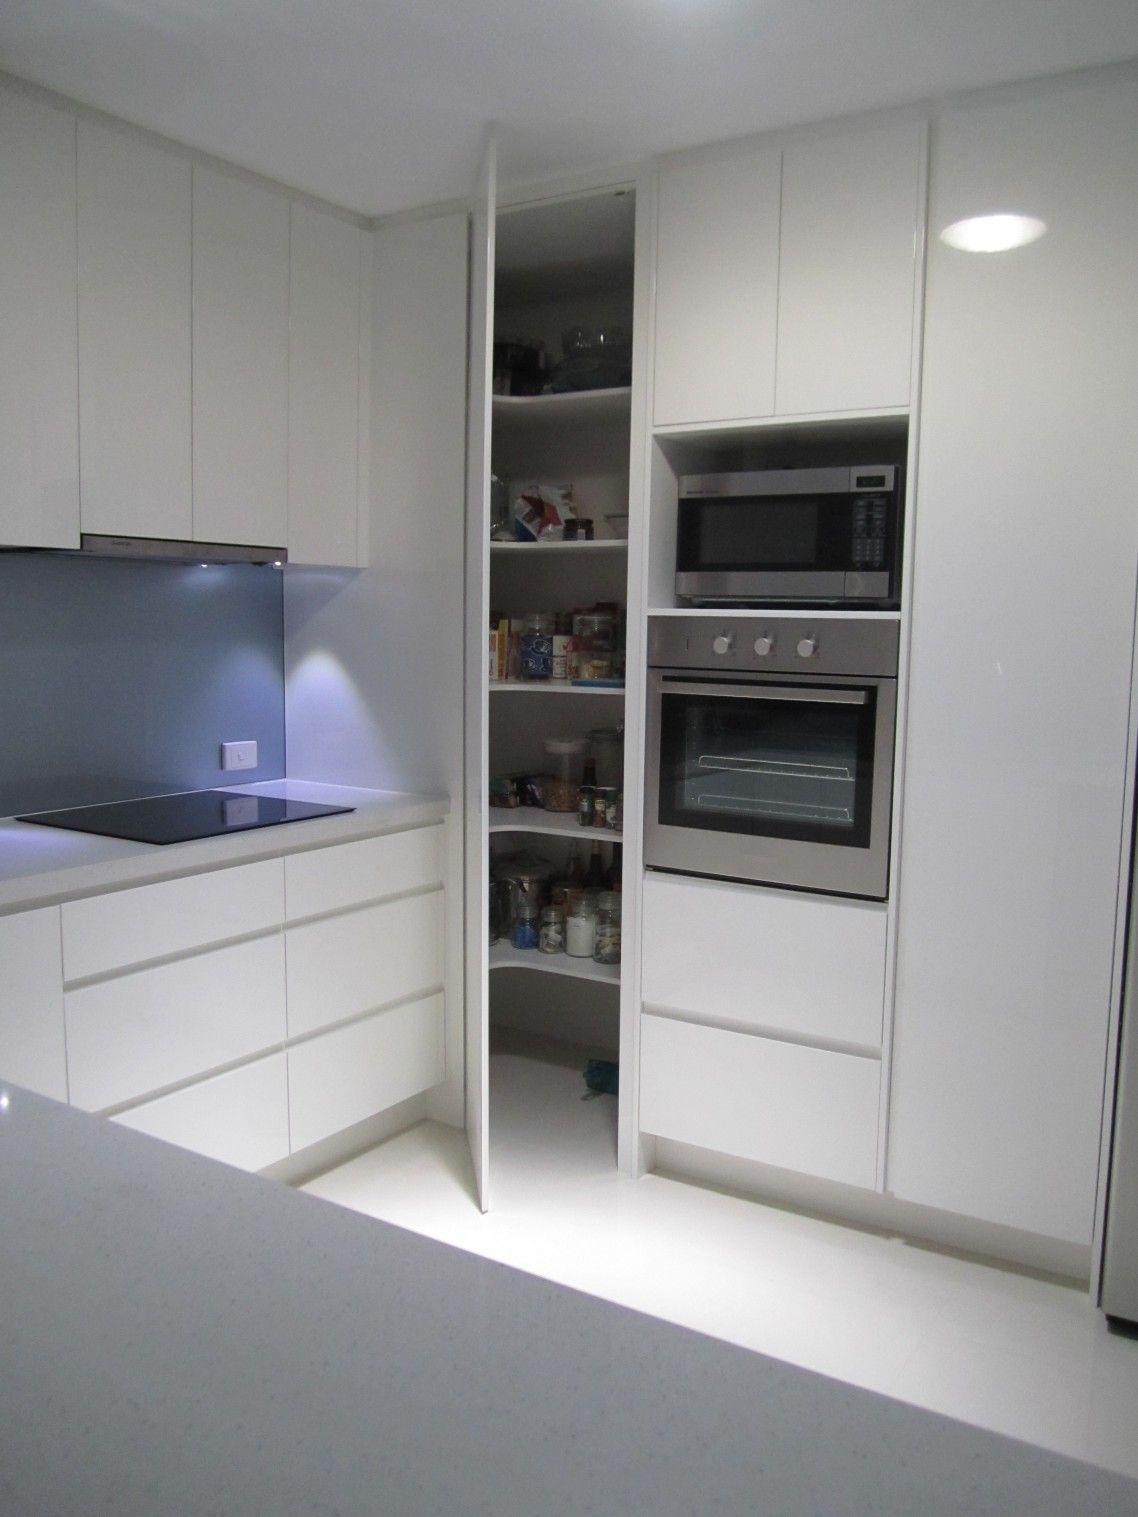 More Ideas Below Kitchenremodel Kitchenideas Indian Modular Kitchen Ideas Small Modular Modern Kitchen Cabinet Design Kitchen Layout Corner Kitchen Cabinet